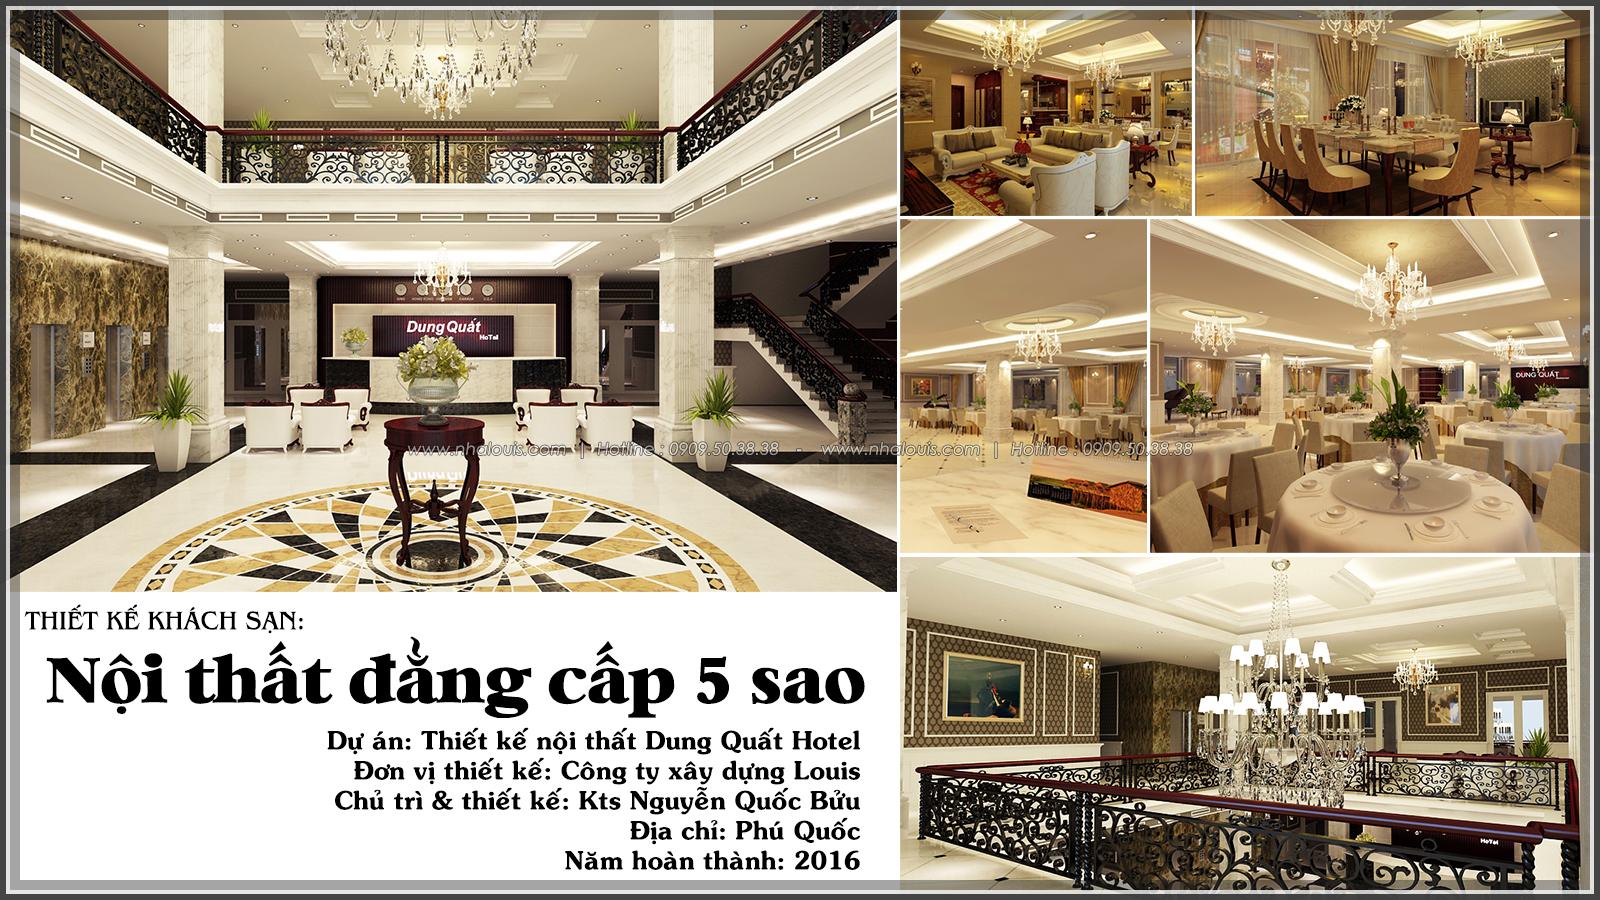 Mẫu thiết kế nội thất khách sạn tại Phú Quốc đẳng cấp chuẩn 5 sao [Video]